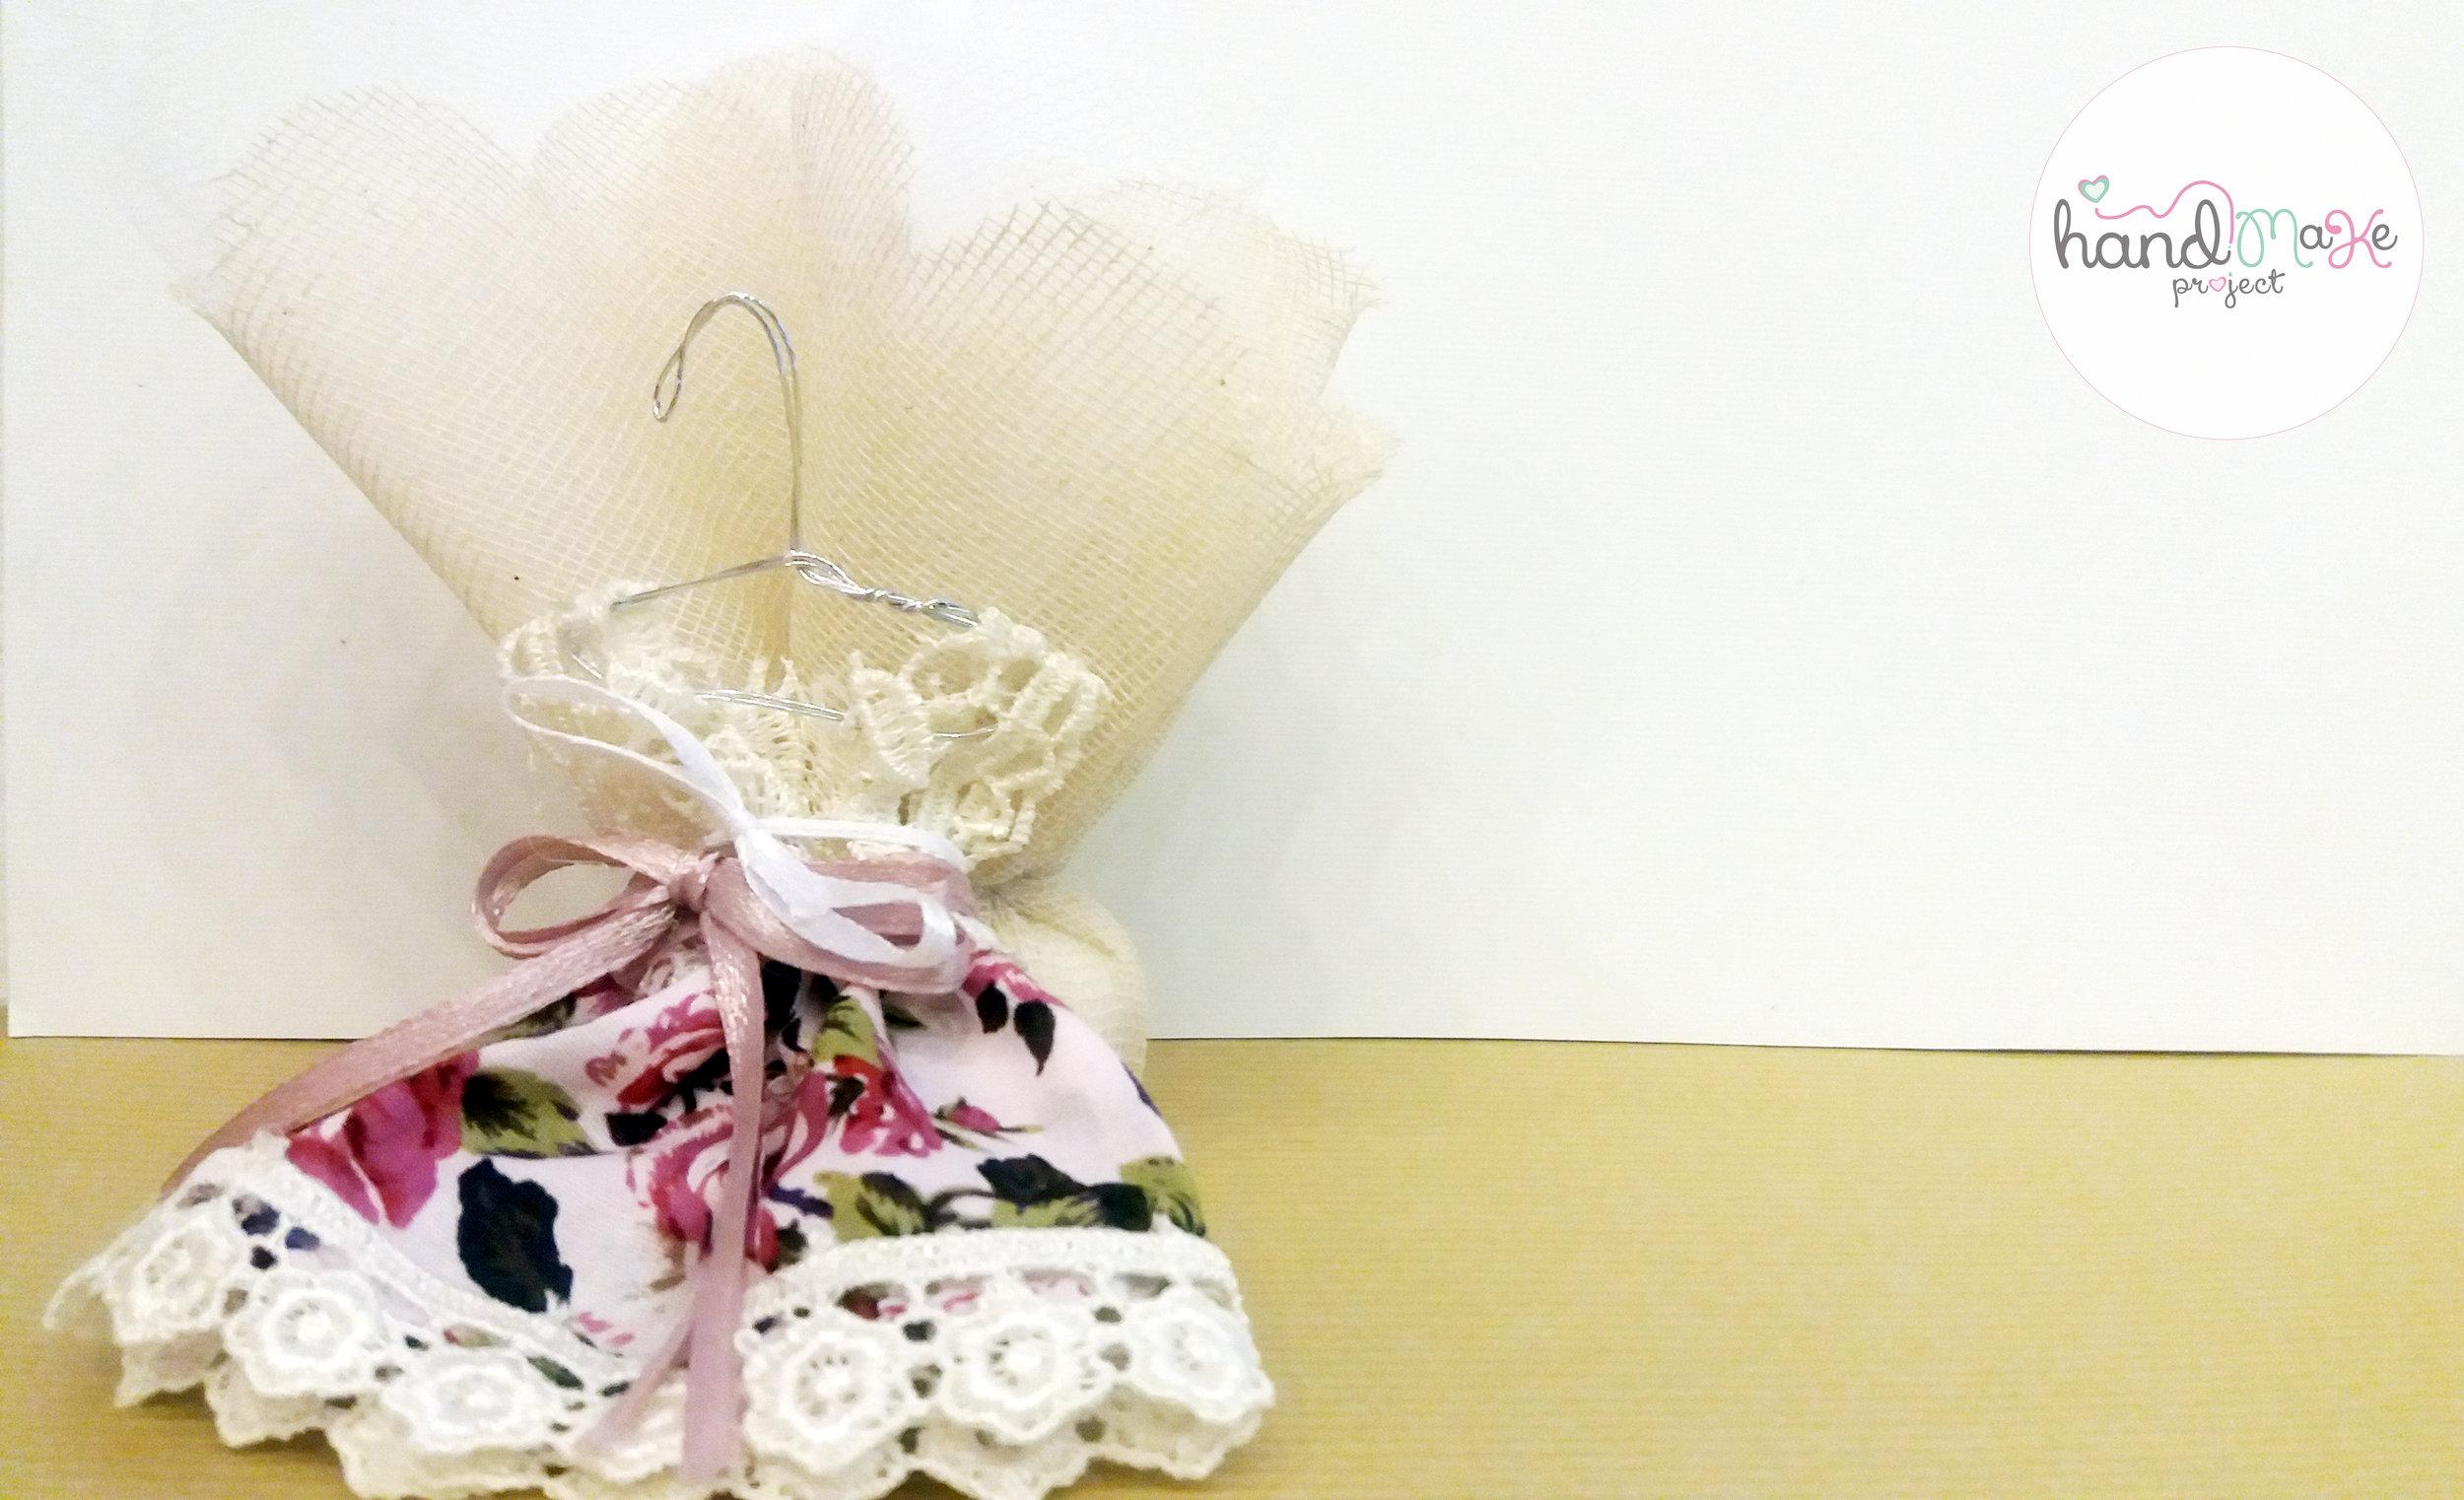 κωδικός ΒΒ_17 Collection ''Happiness''   Μπομπονιέρα φόρεμα floral-πλεκτό με γάζα εκρού, τούλι κια σατέν λευκή κορδέλα.